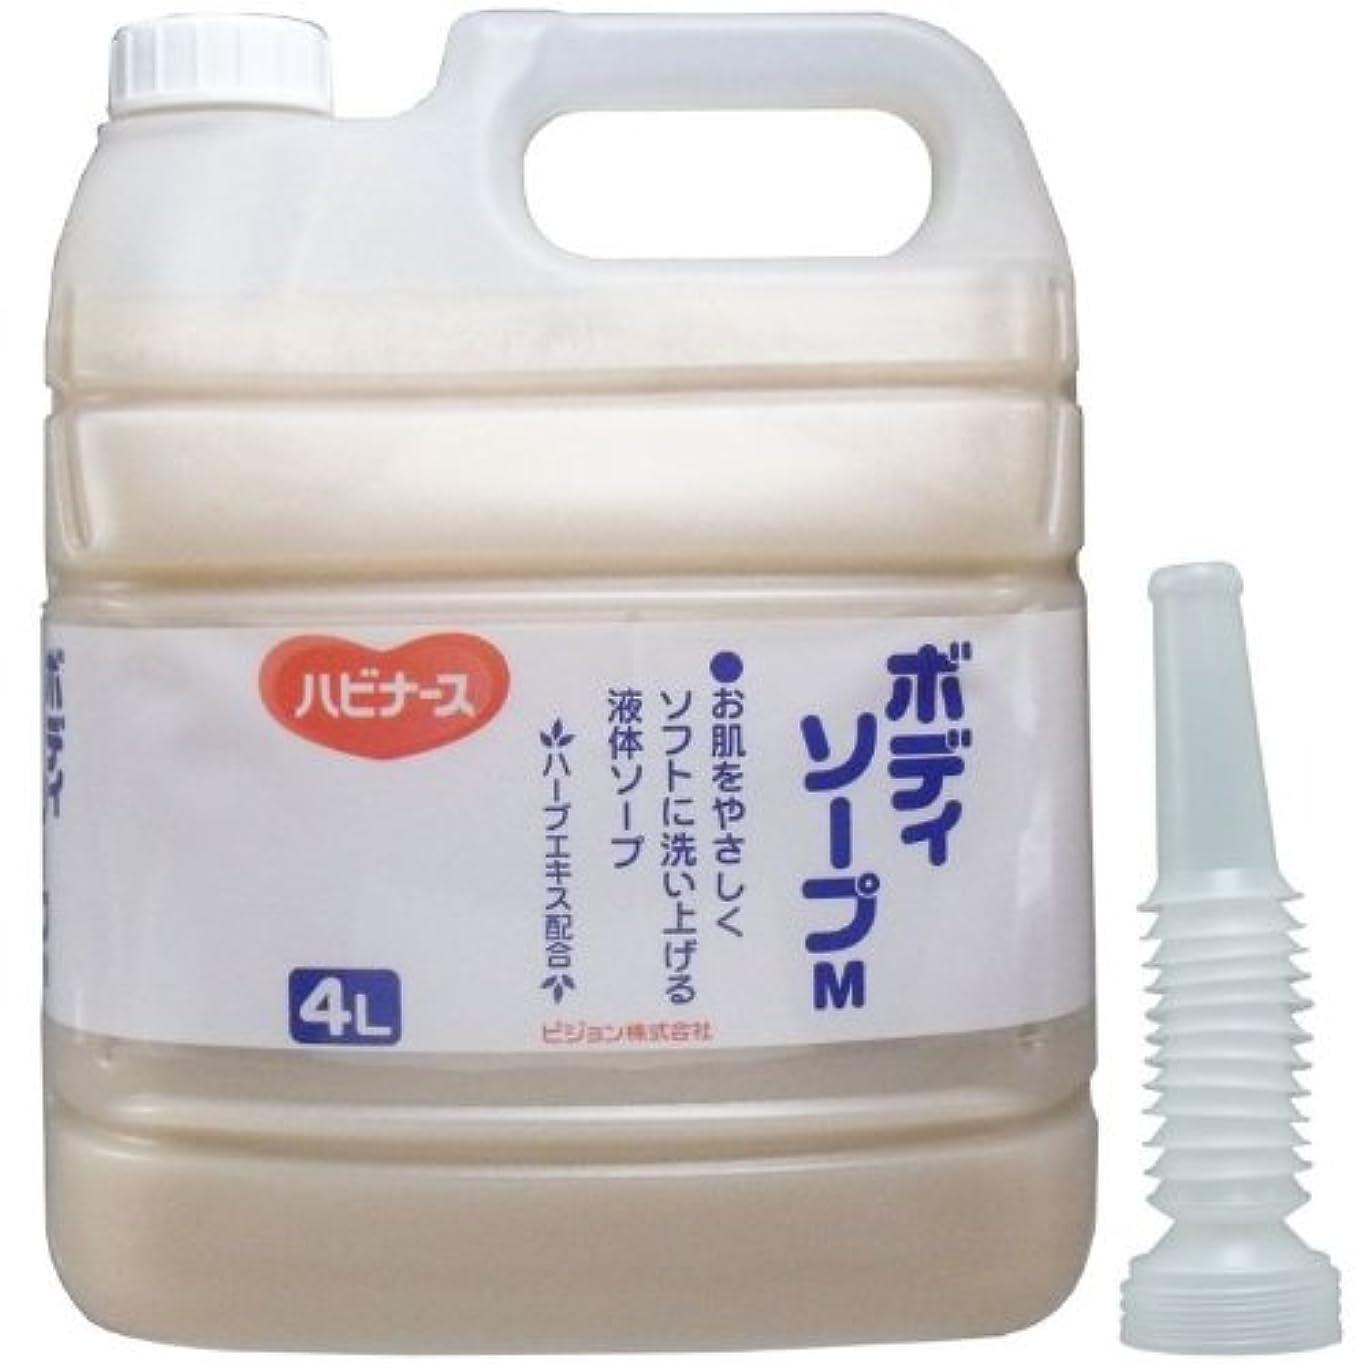 売上高アイデア奨励液体ソープ ボディソープ 風呂 石ケン お肌をやさしくソフトに洗い上げる!業務用 4L【2個セット】